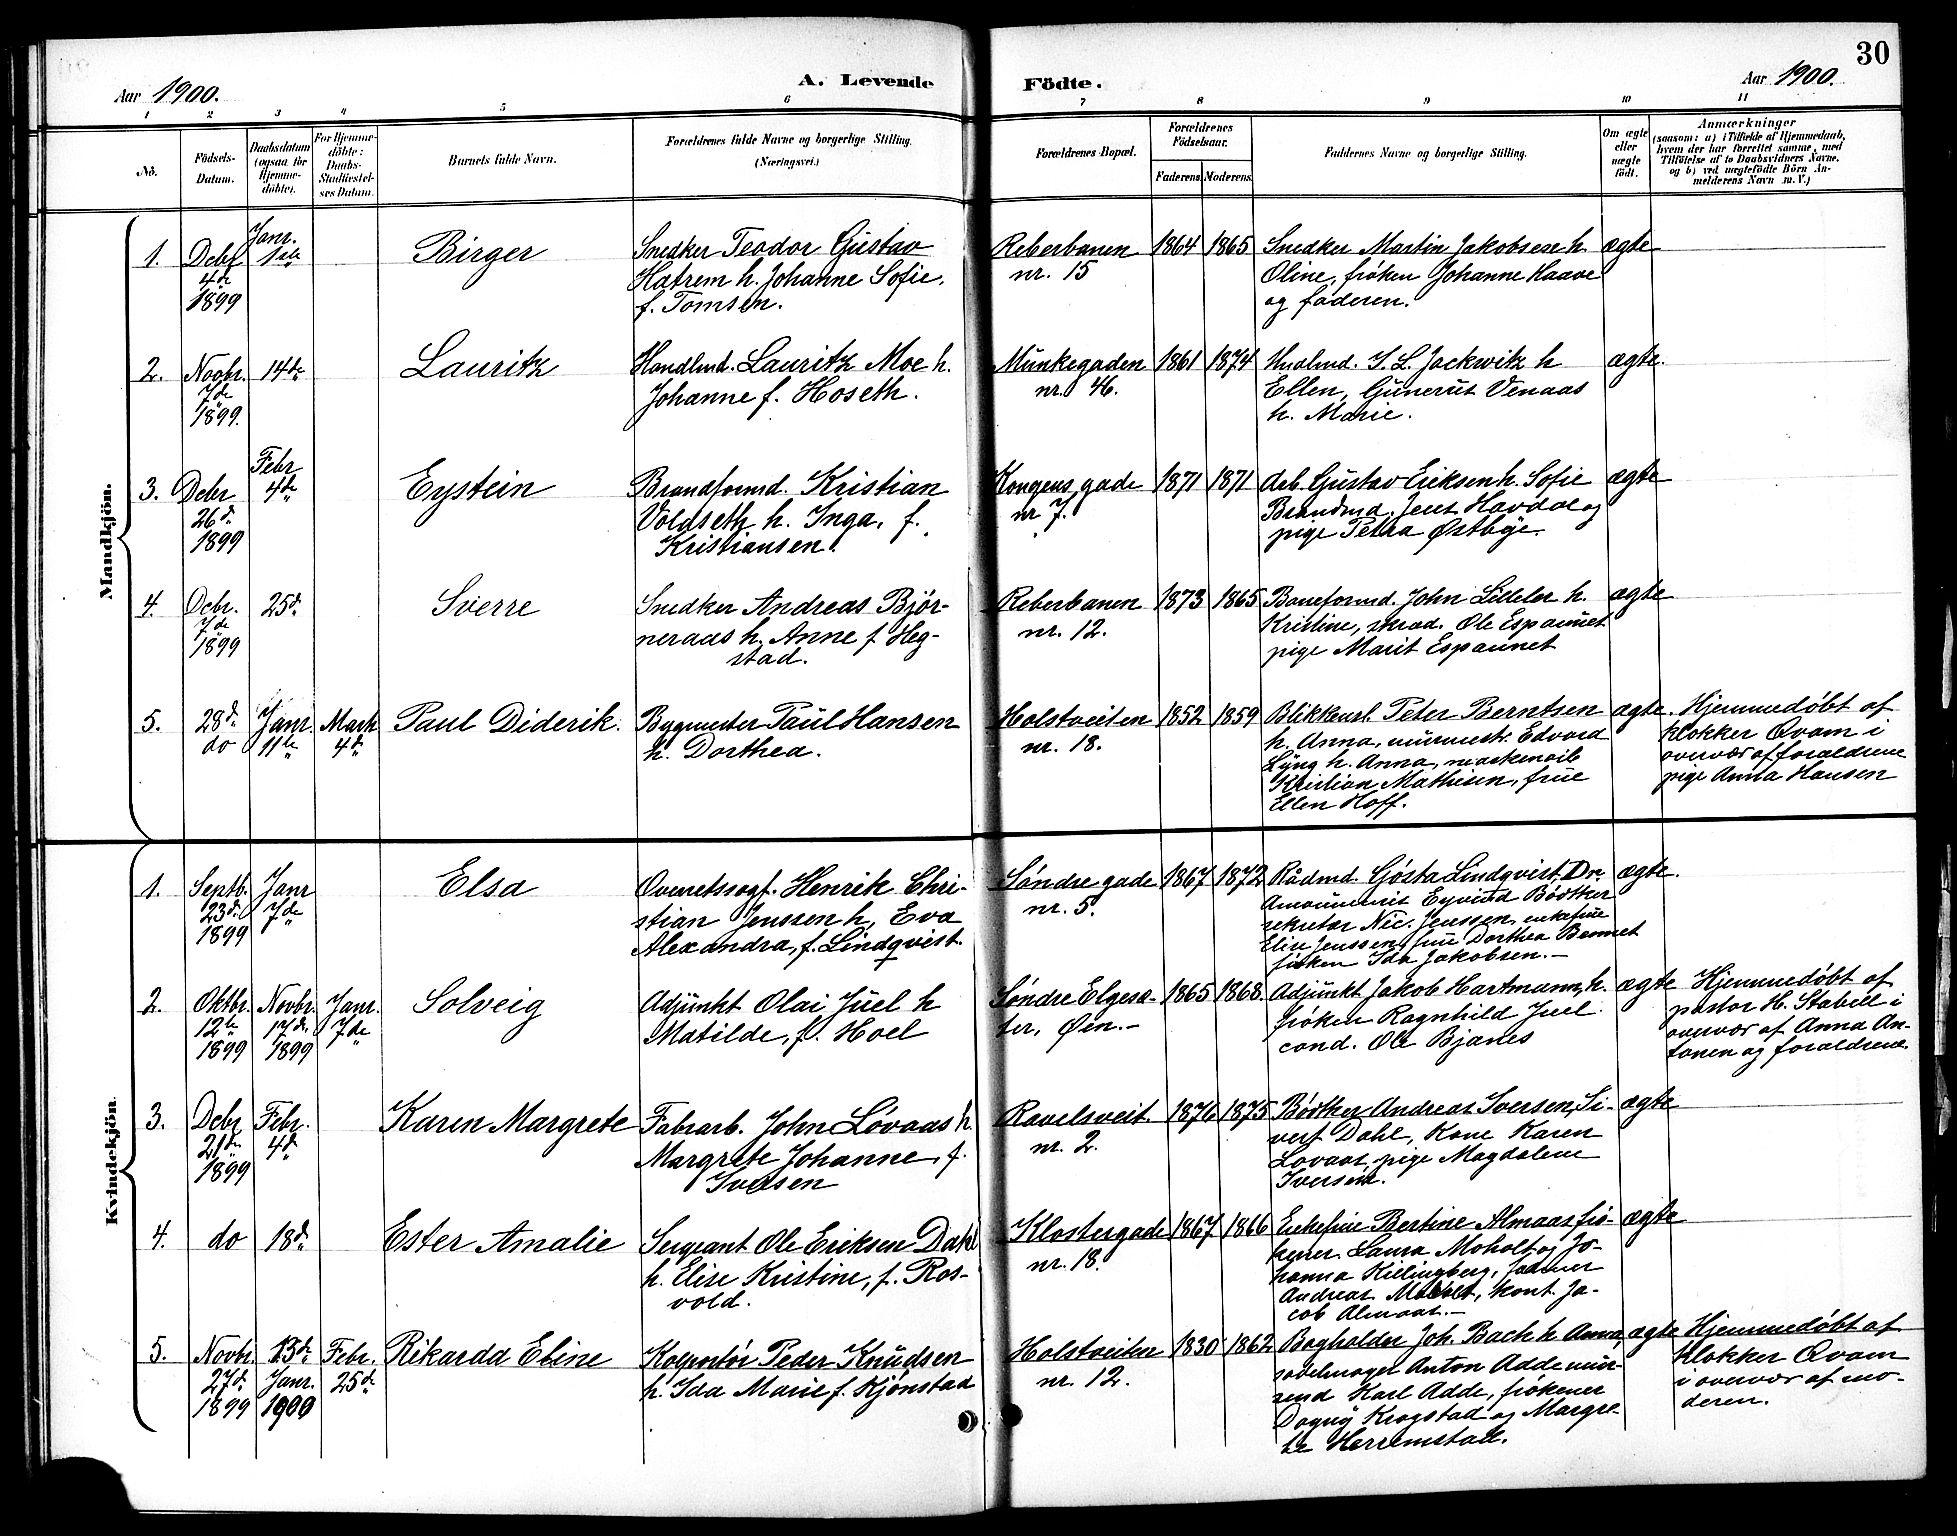 SAT, Ministerialprotokoller, klokkerbøker og fødselsregistre - Sør-Trøndelag, 601/L0094: Klokkerbok nr. 601C12, 1898-1911, s. 30